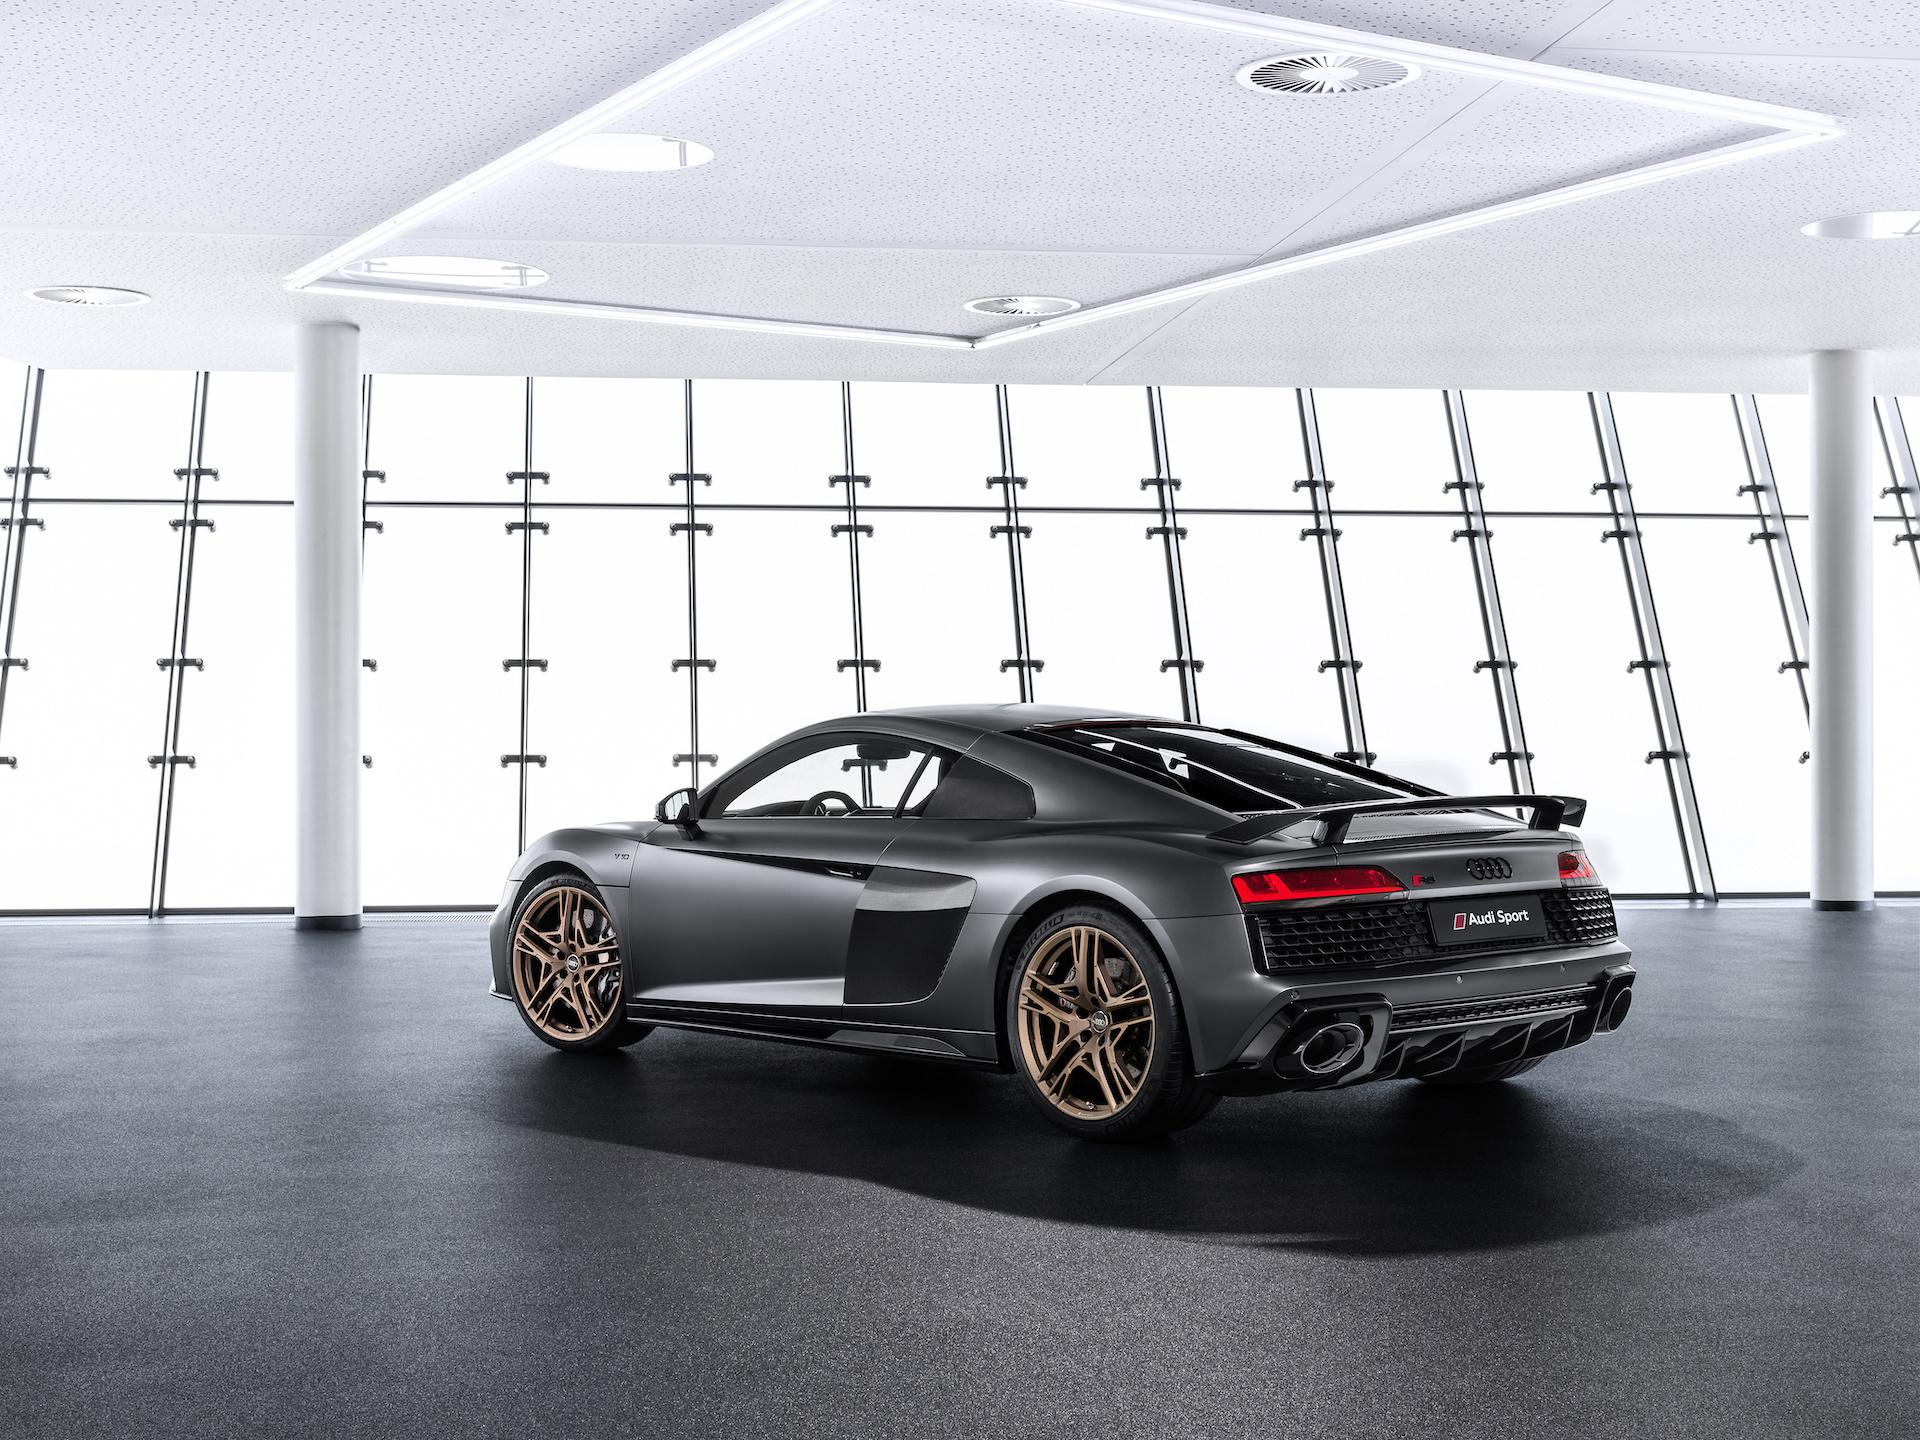 2019 Audi R8 V10 Decennium (Color: Daytona Gray Matt) Rear Wallpaper (4)